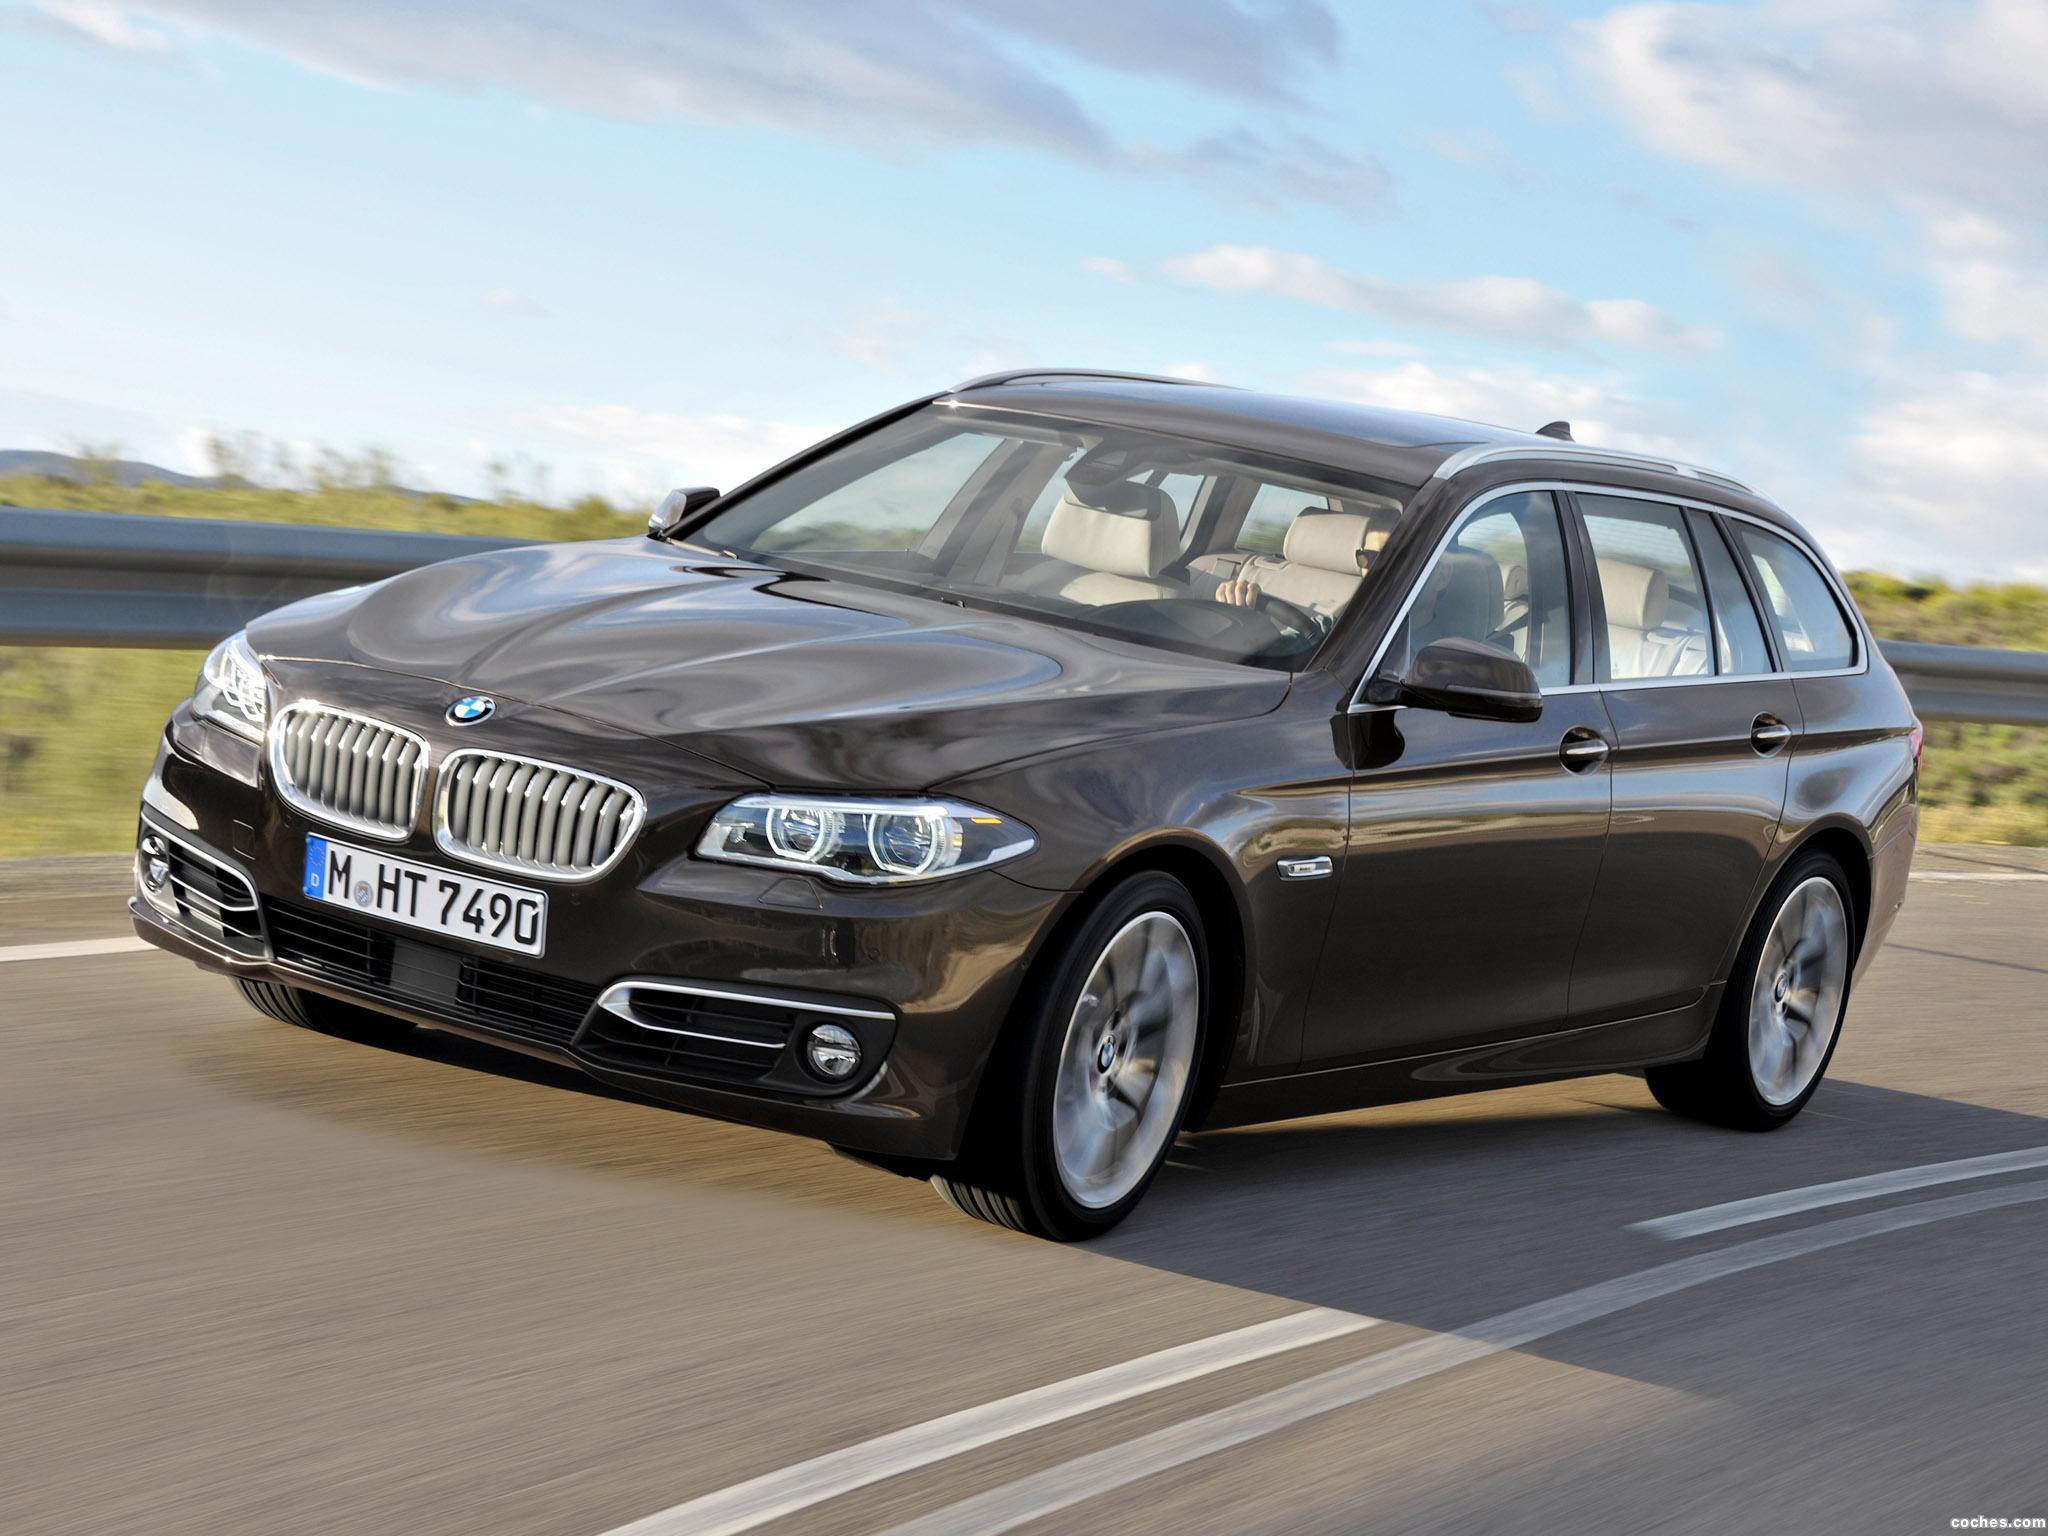 Foto 10 de BMW Serie 5 530d xDrive Touring Modern Line 2013